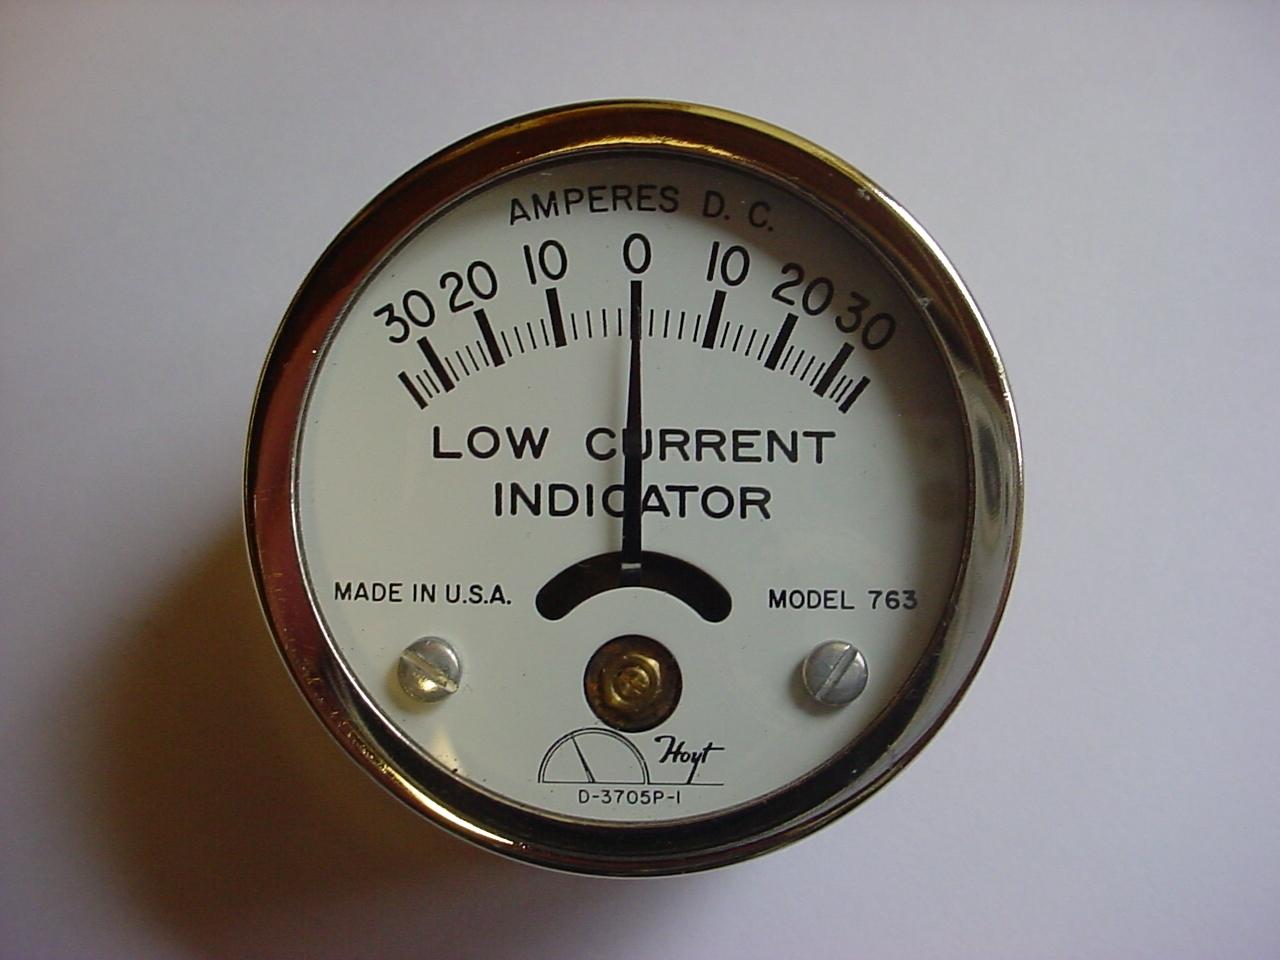 cucv battery wiring cucv image wiring diagram m1009 alternator wiring diagram komatsu 220 wiring diagram cbr 954 on cucv battery wiring